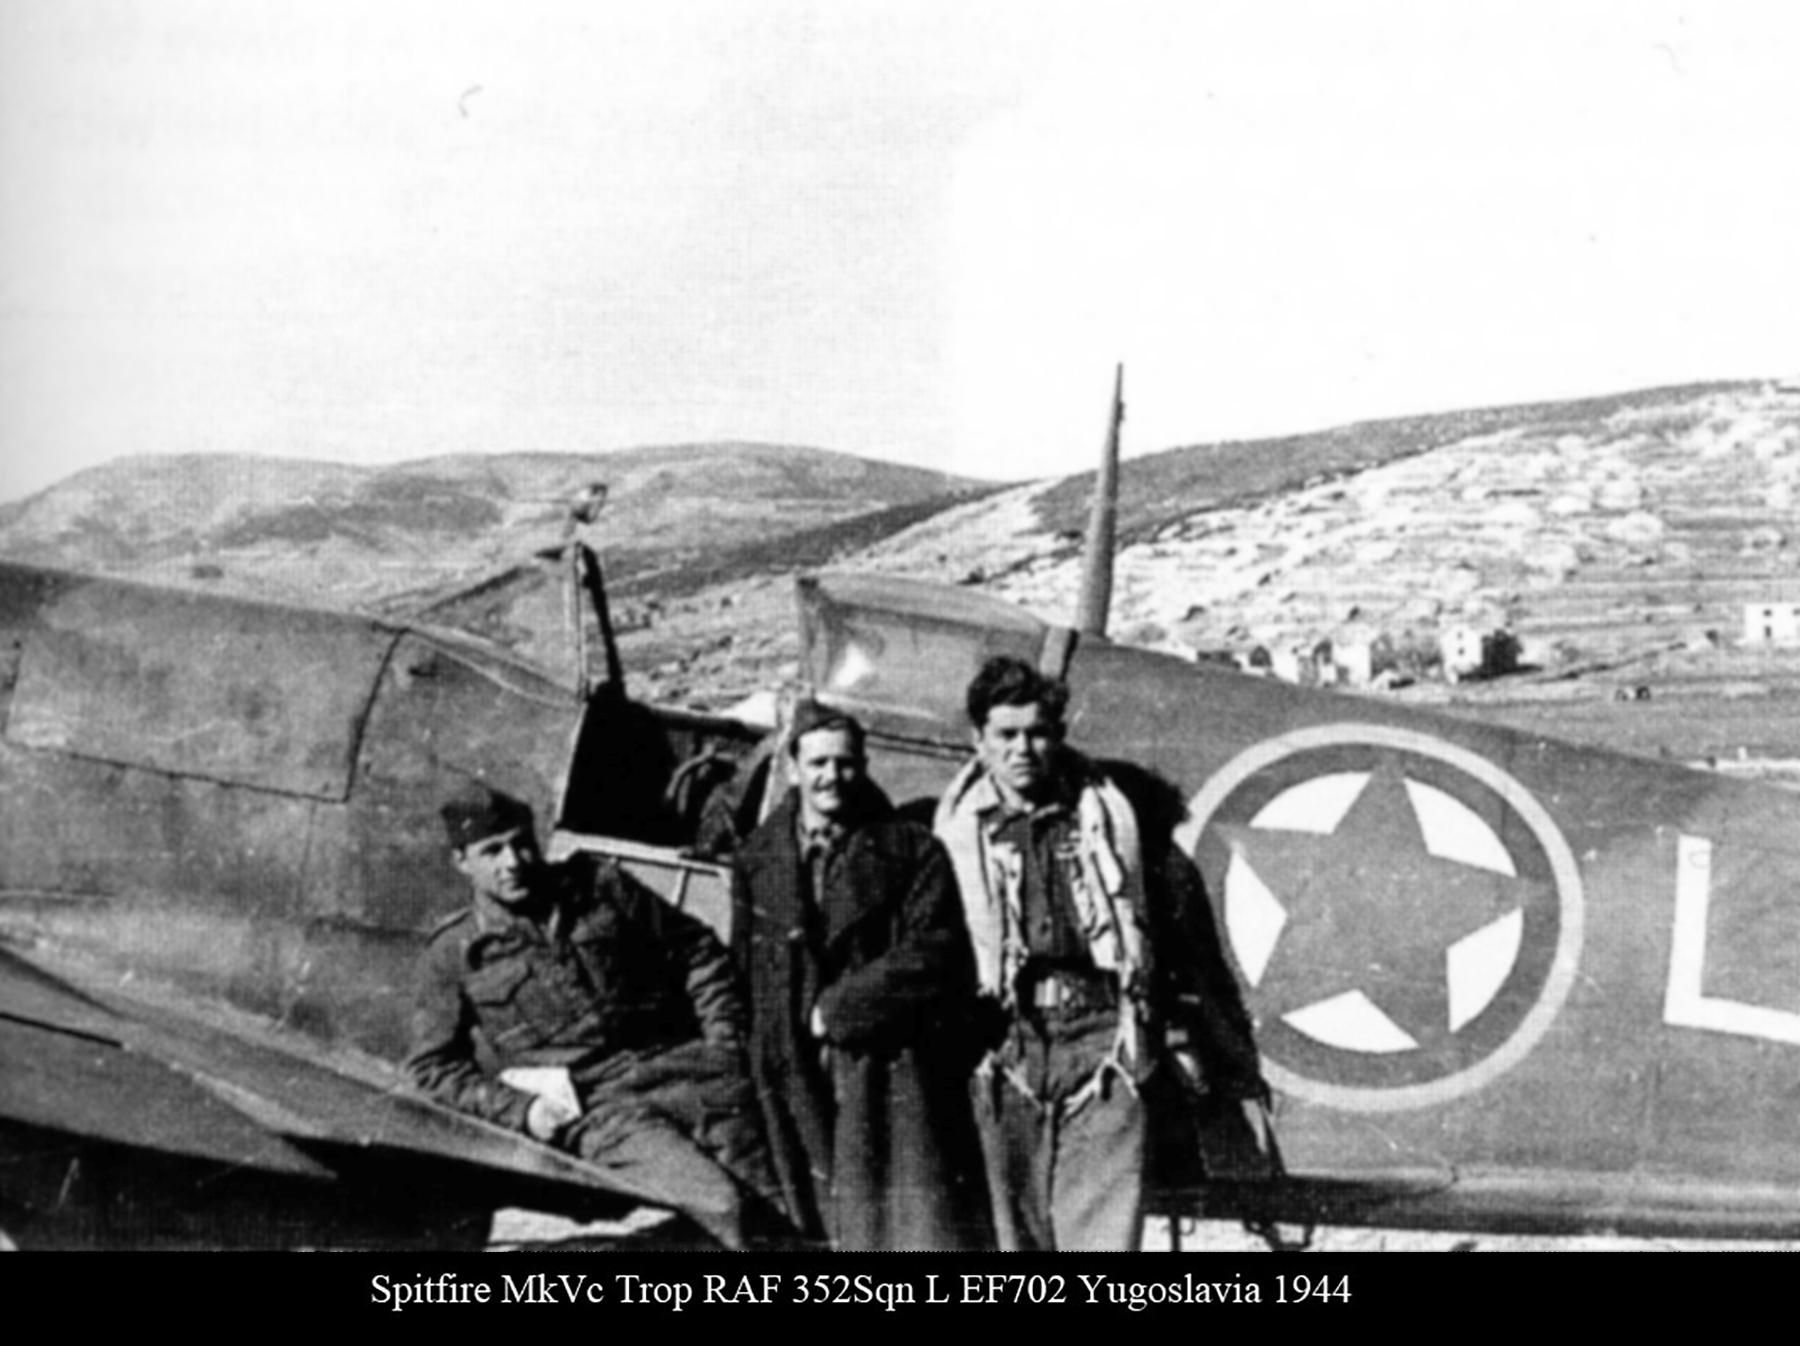 Spitfire MkVcTrop RAF 352Sqn L EF702 Yugoslavia 1944 01